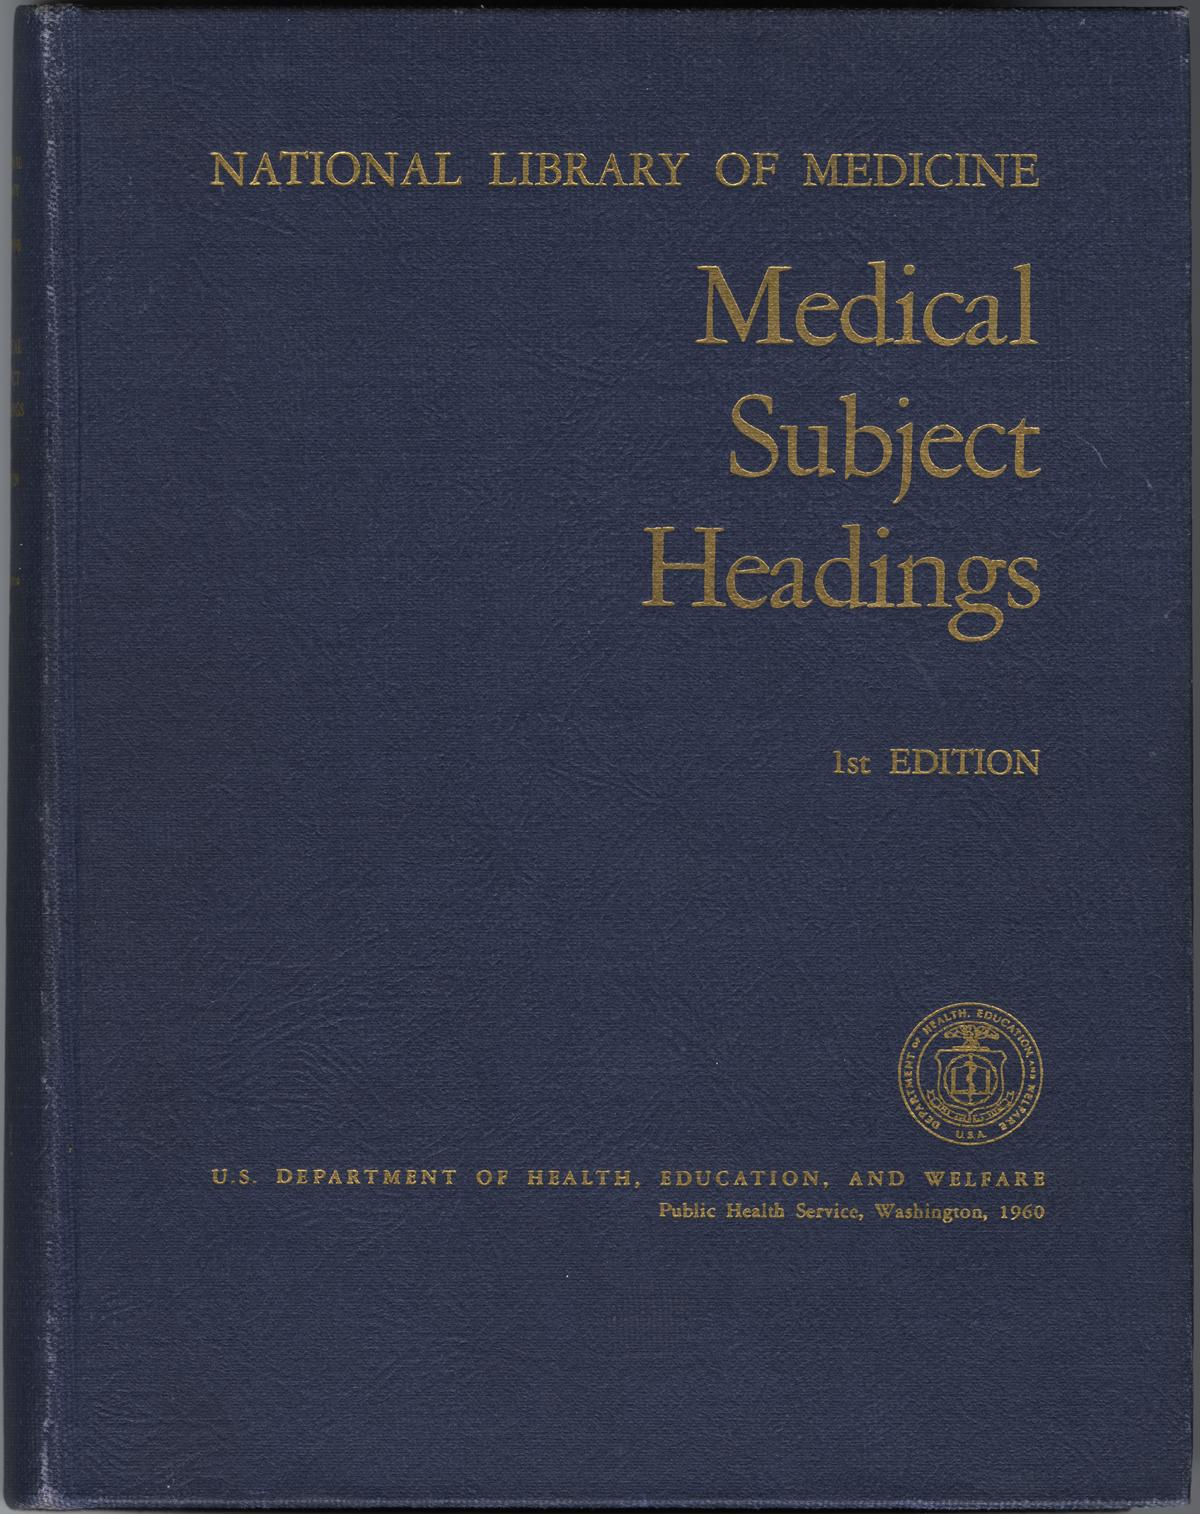 Medical Subject Headings Main Headings Subheadings And